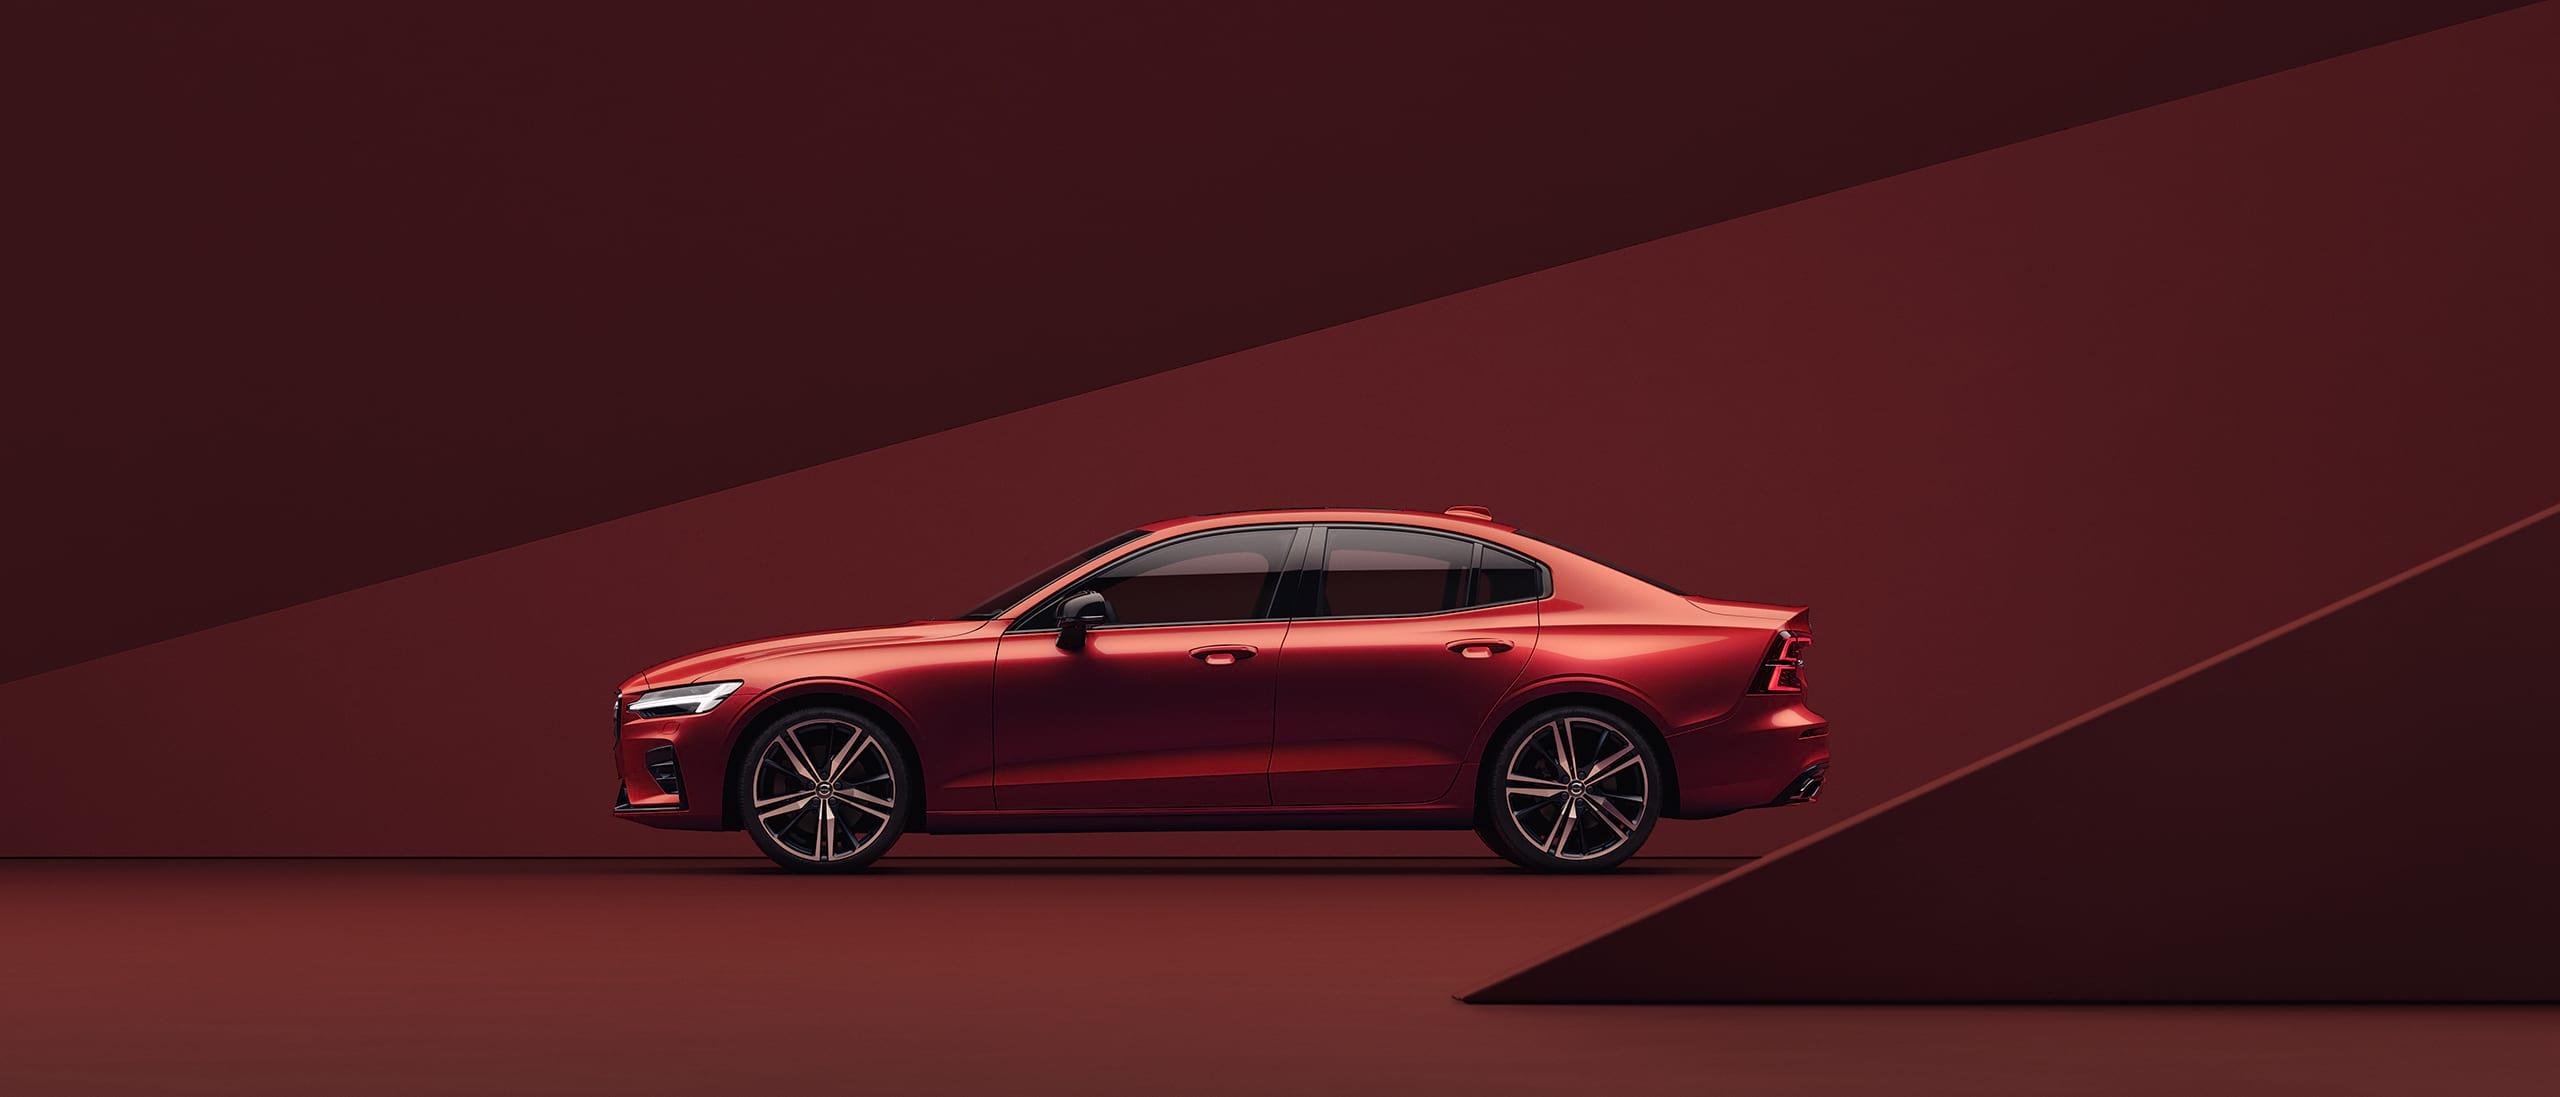 Une Volvo S60 rouge, parquée dans un environnement rouge.